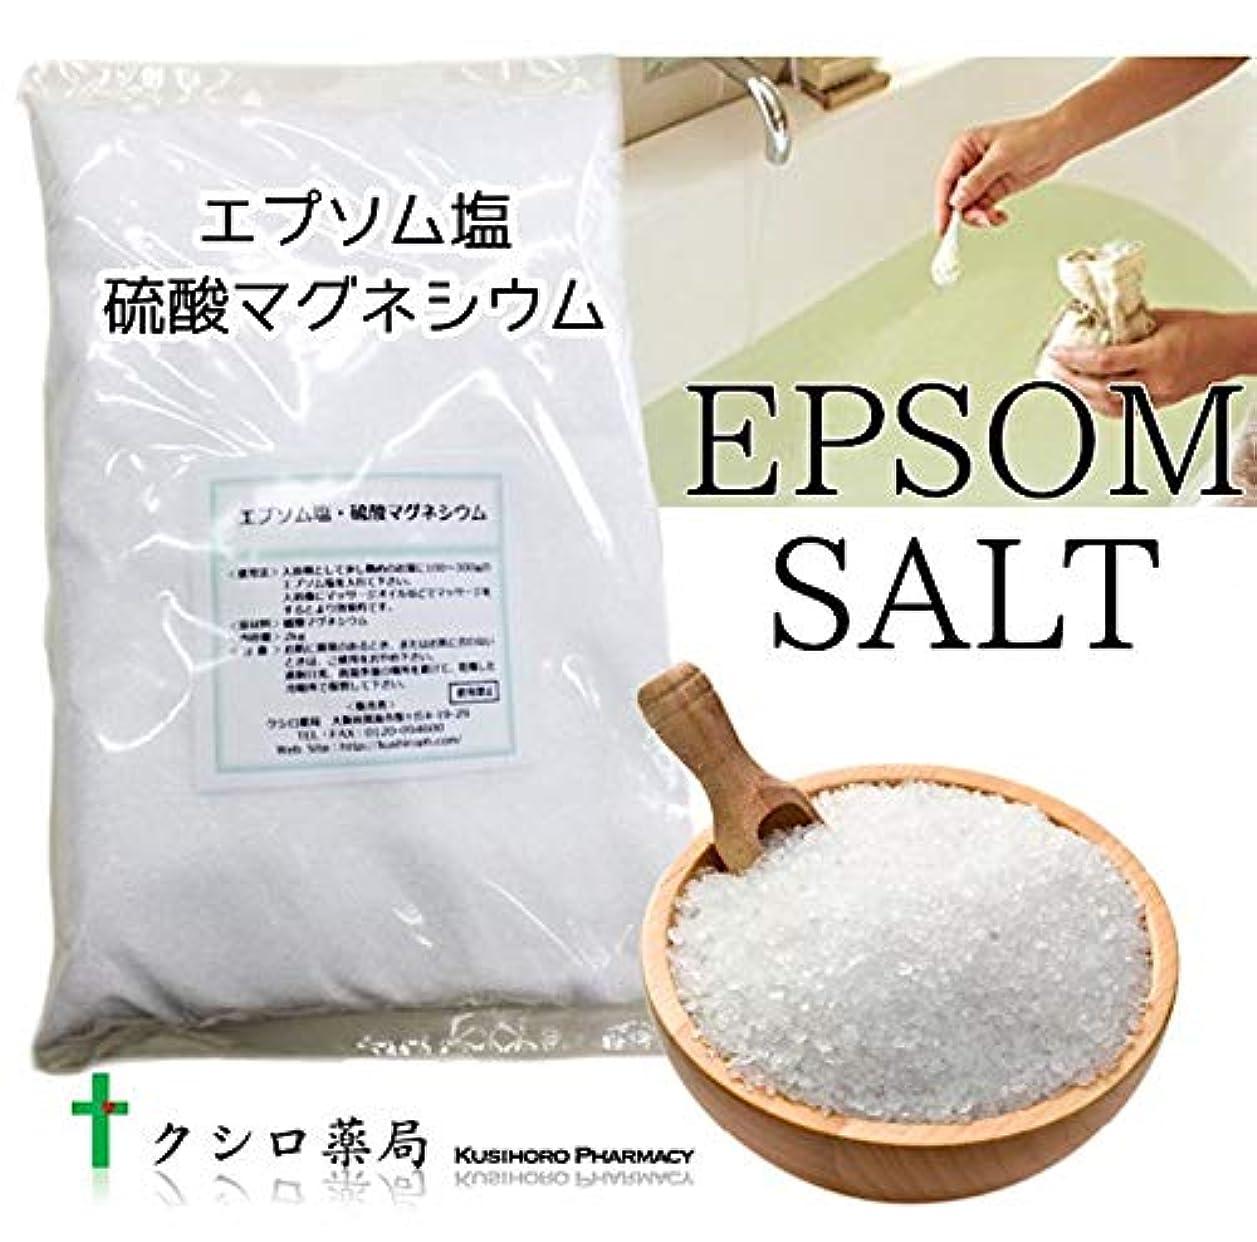 アフリカ比喩チェスをするエプソム塩?硫酸マグネシウム 2kg 【クシロ薬局エプソム塩?硫酸マグネシウム Epsom Salt】 (5袋)